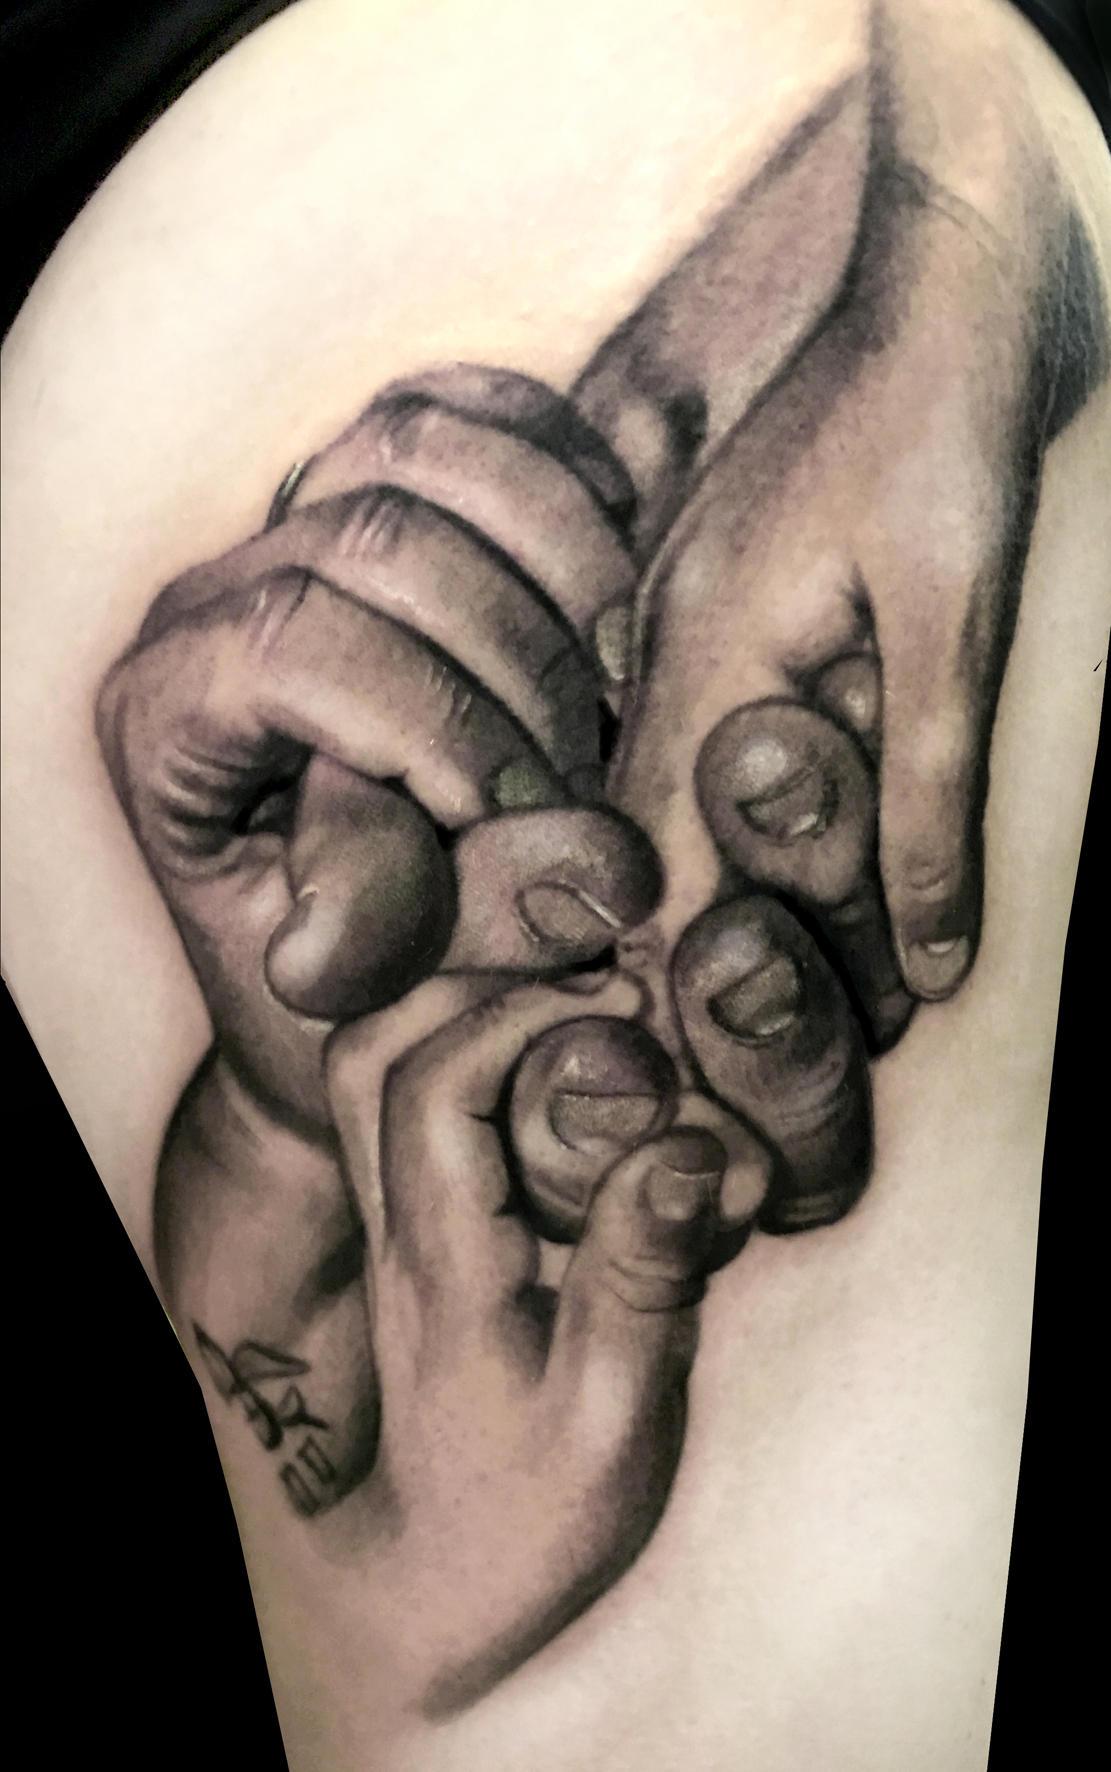 I tatuaggi realistici: opere d arte sulla pelle